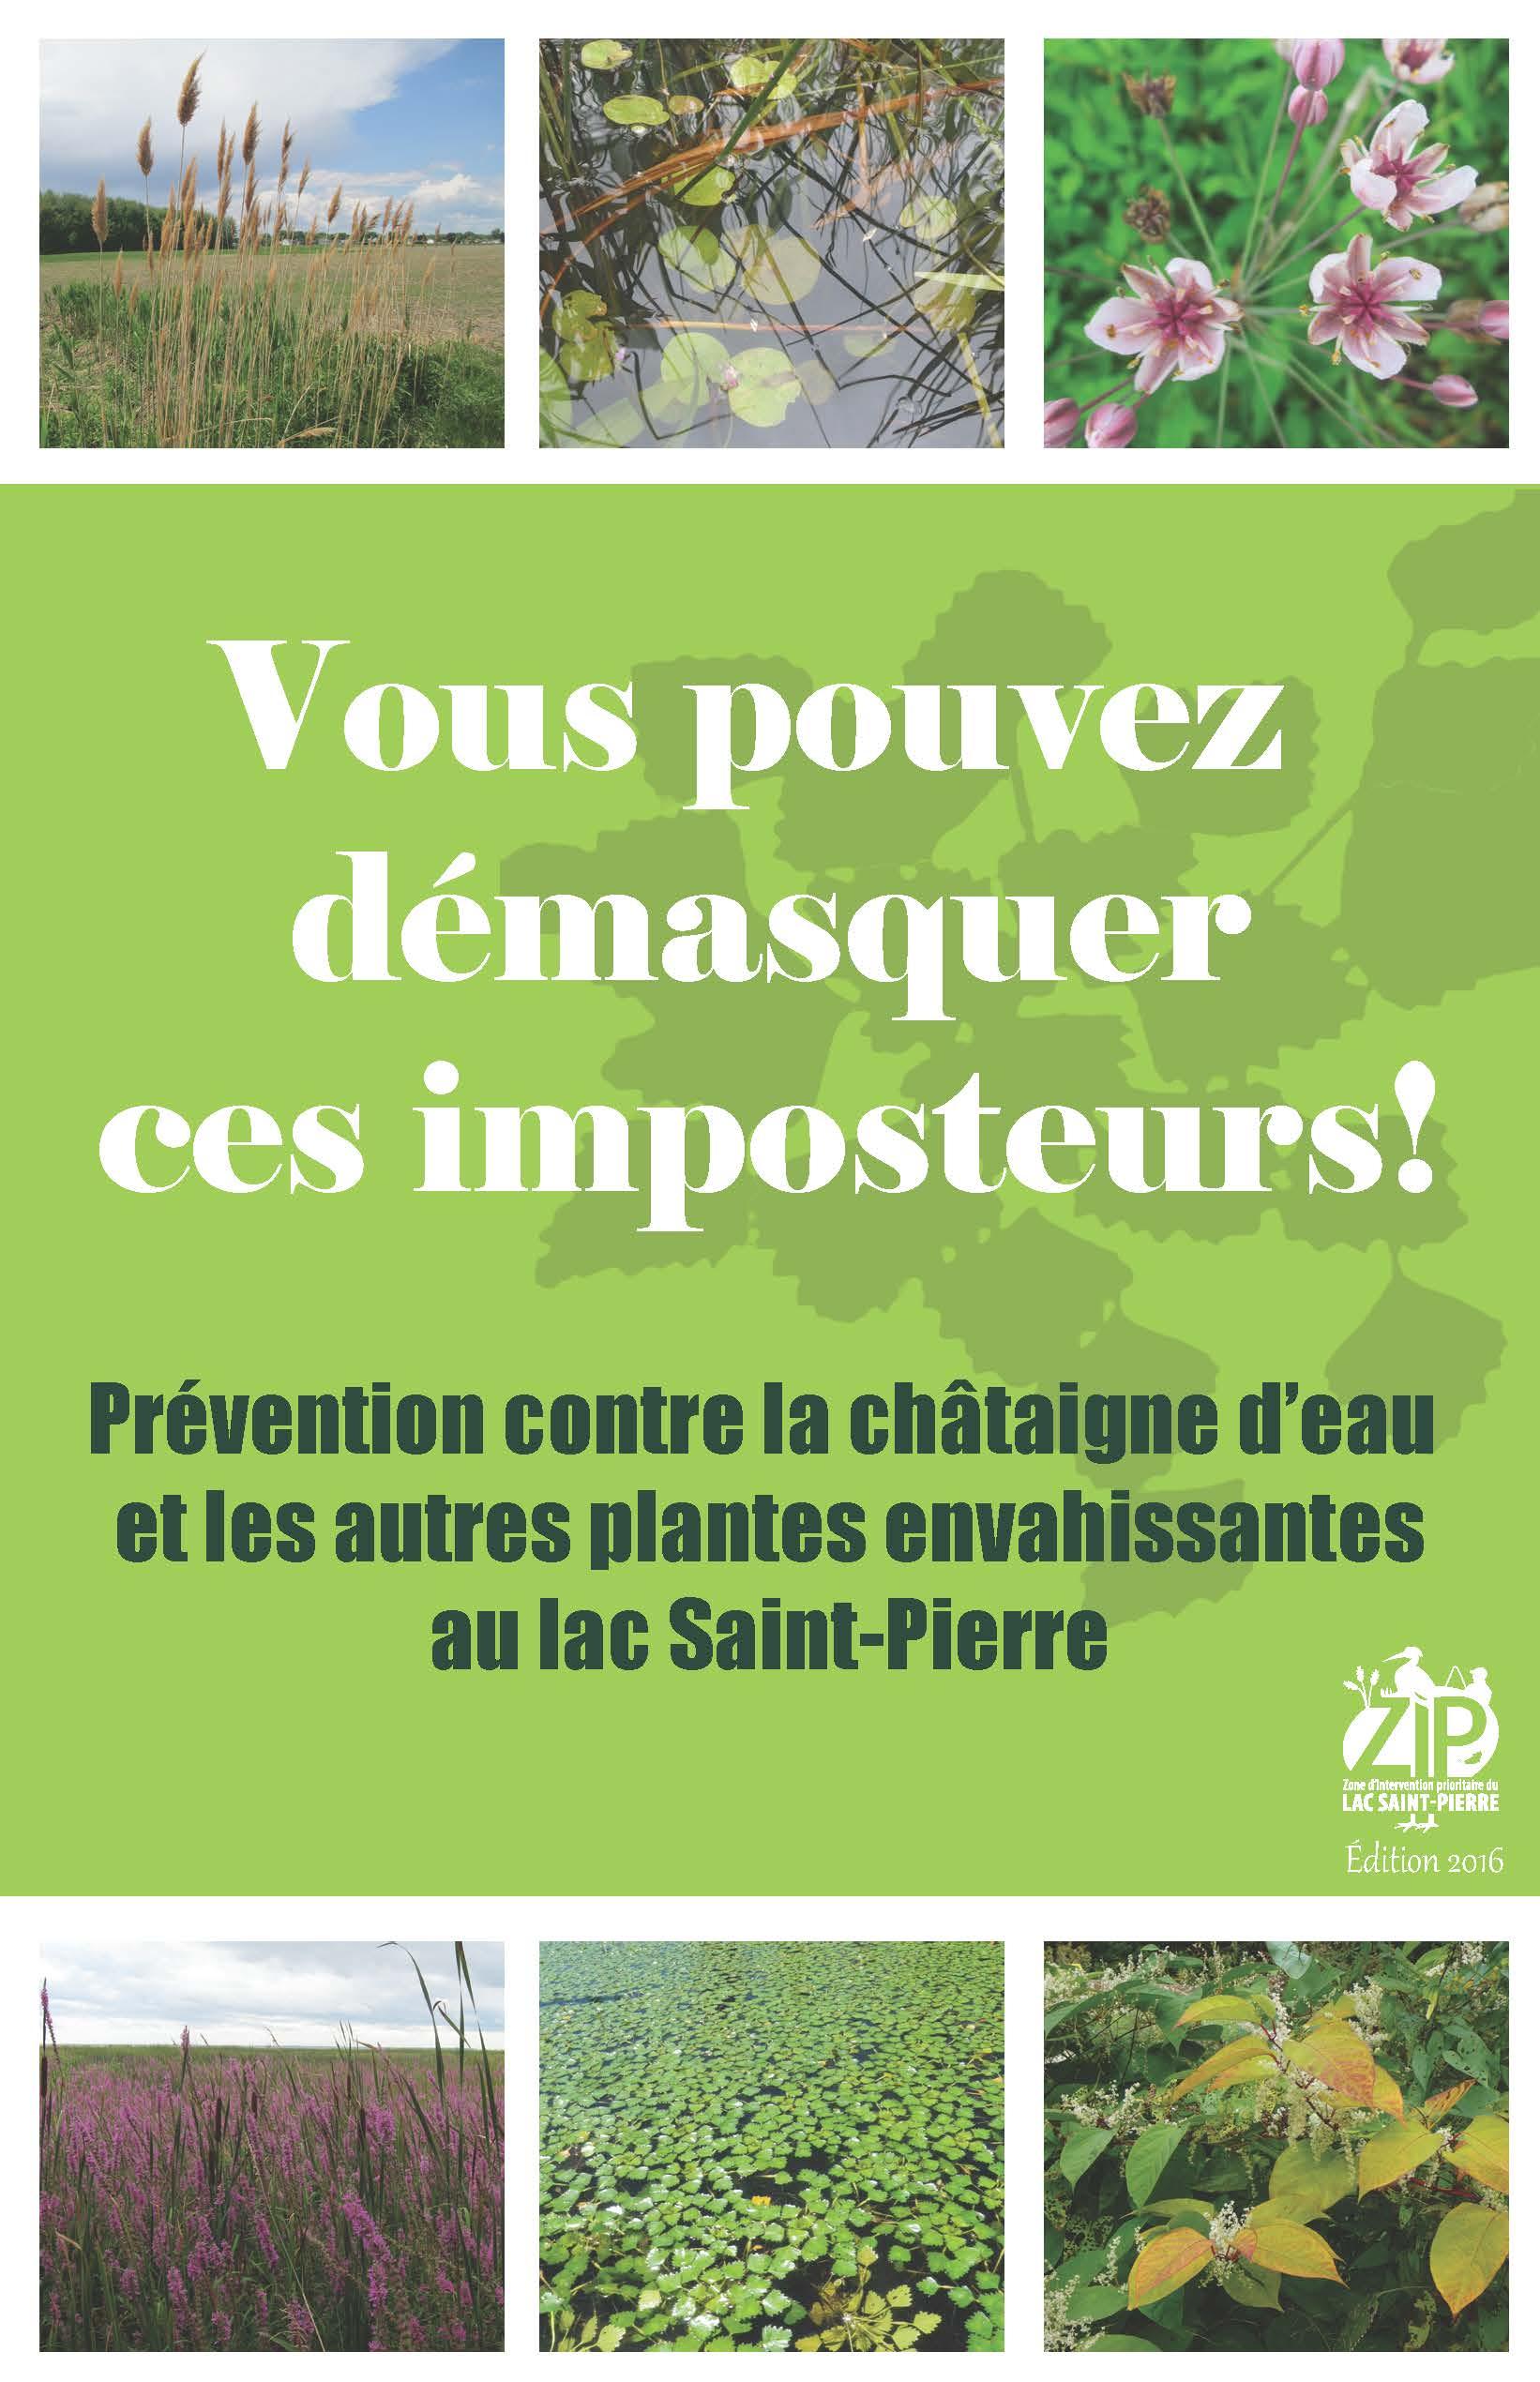 Un suivi qui porte ses fruits : aucune châtaigne d'eau au lac Saint-Pierre